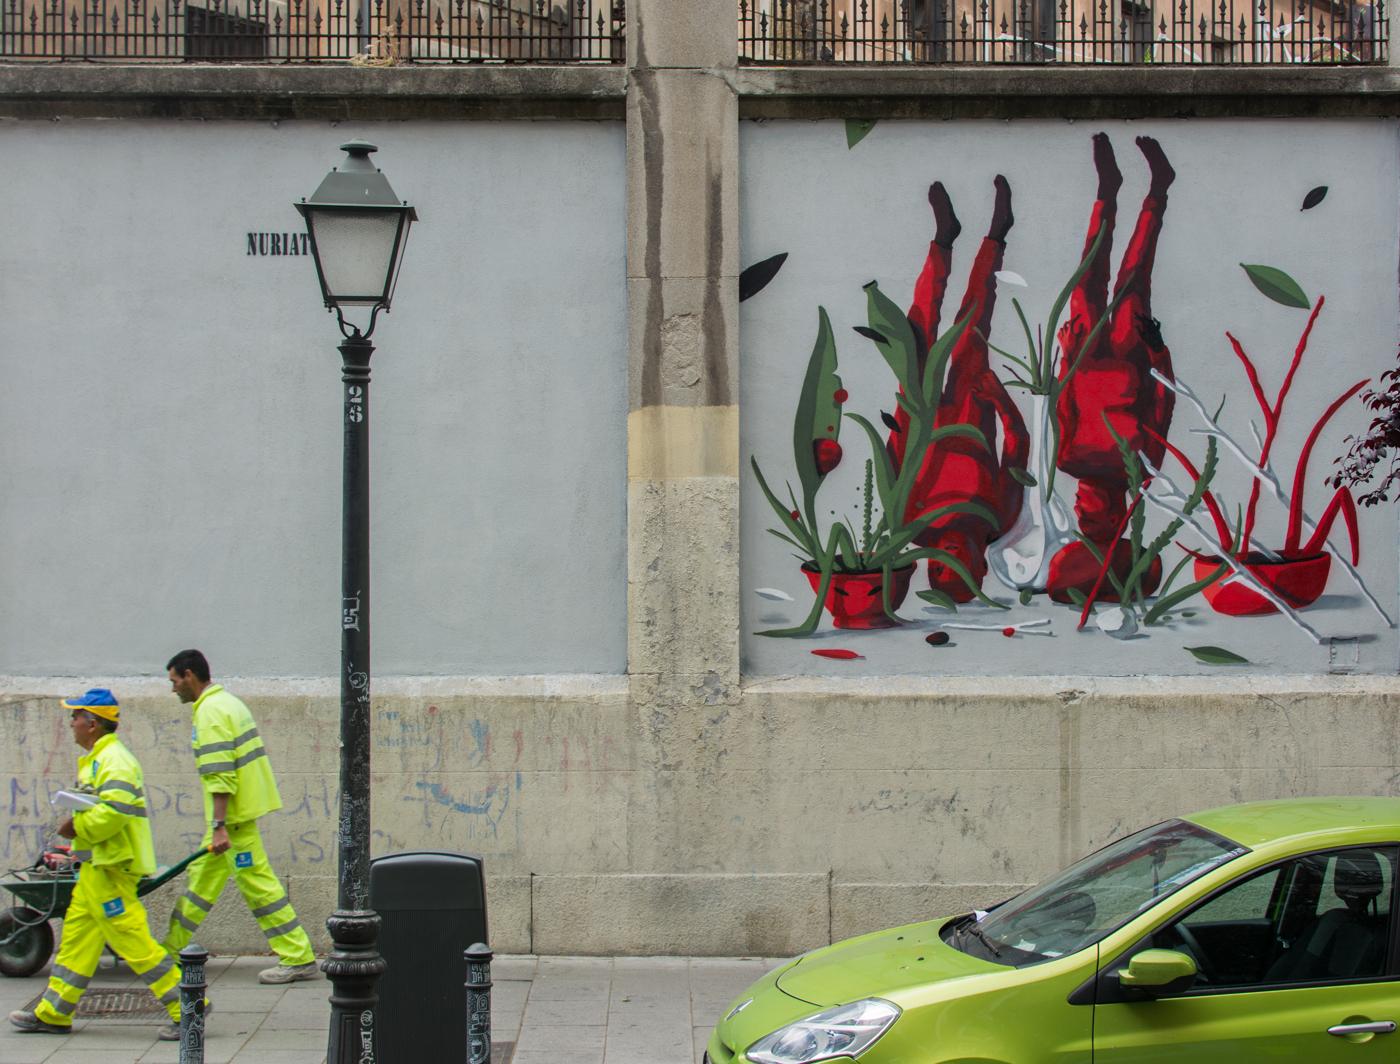 Lolo final - MurosTabacalera by Guillermo de la Madrid - Madrid Street Art Project-001.jpg